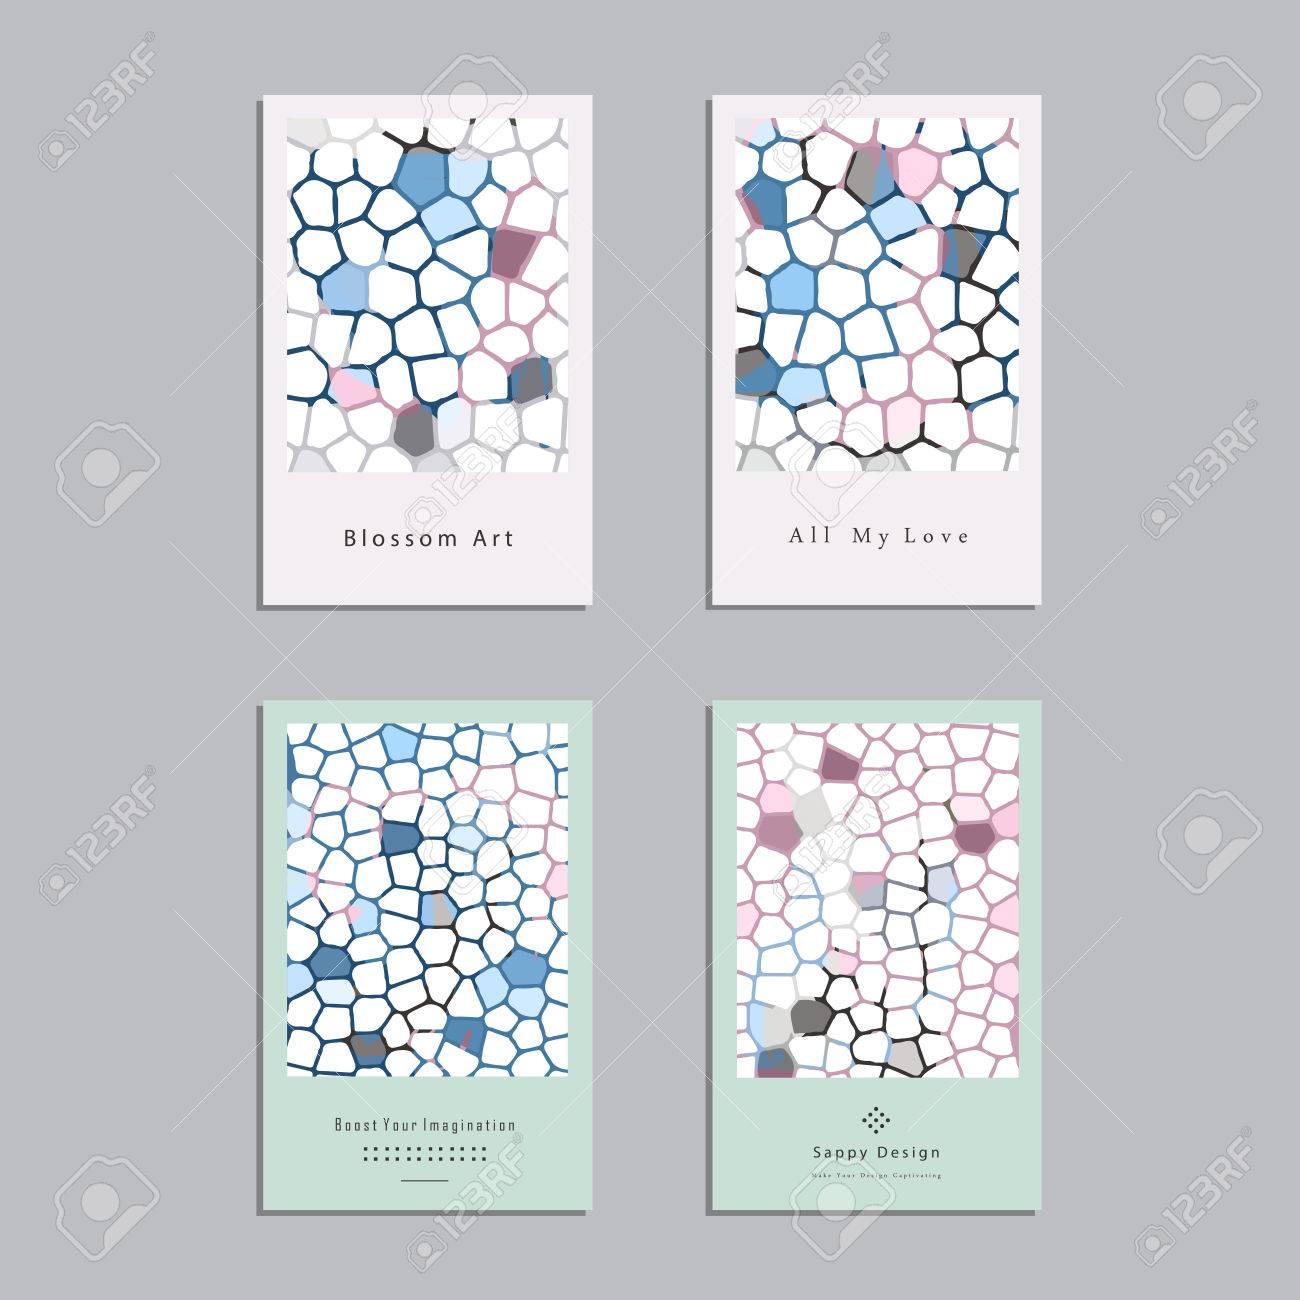 Reihe Von Künstlerischen Vektor Grußkarten Design. Bunte Rahmen Muster  Texturen Für Hochzeit,